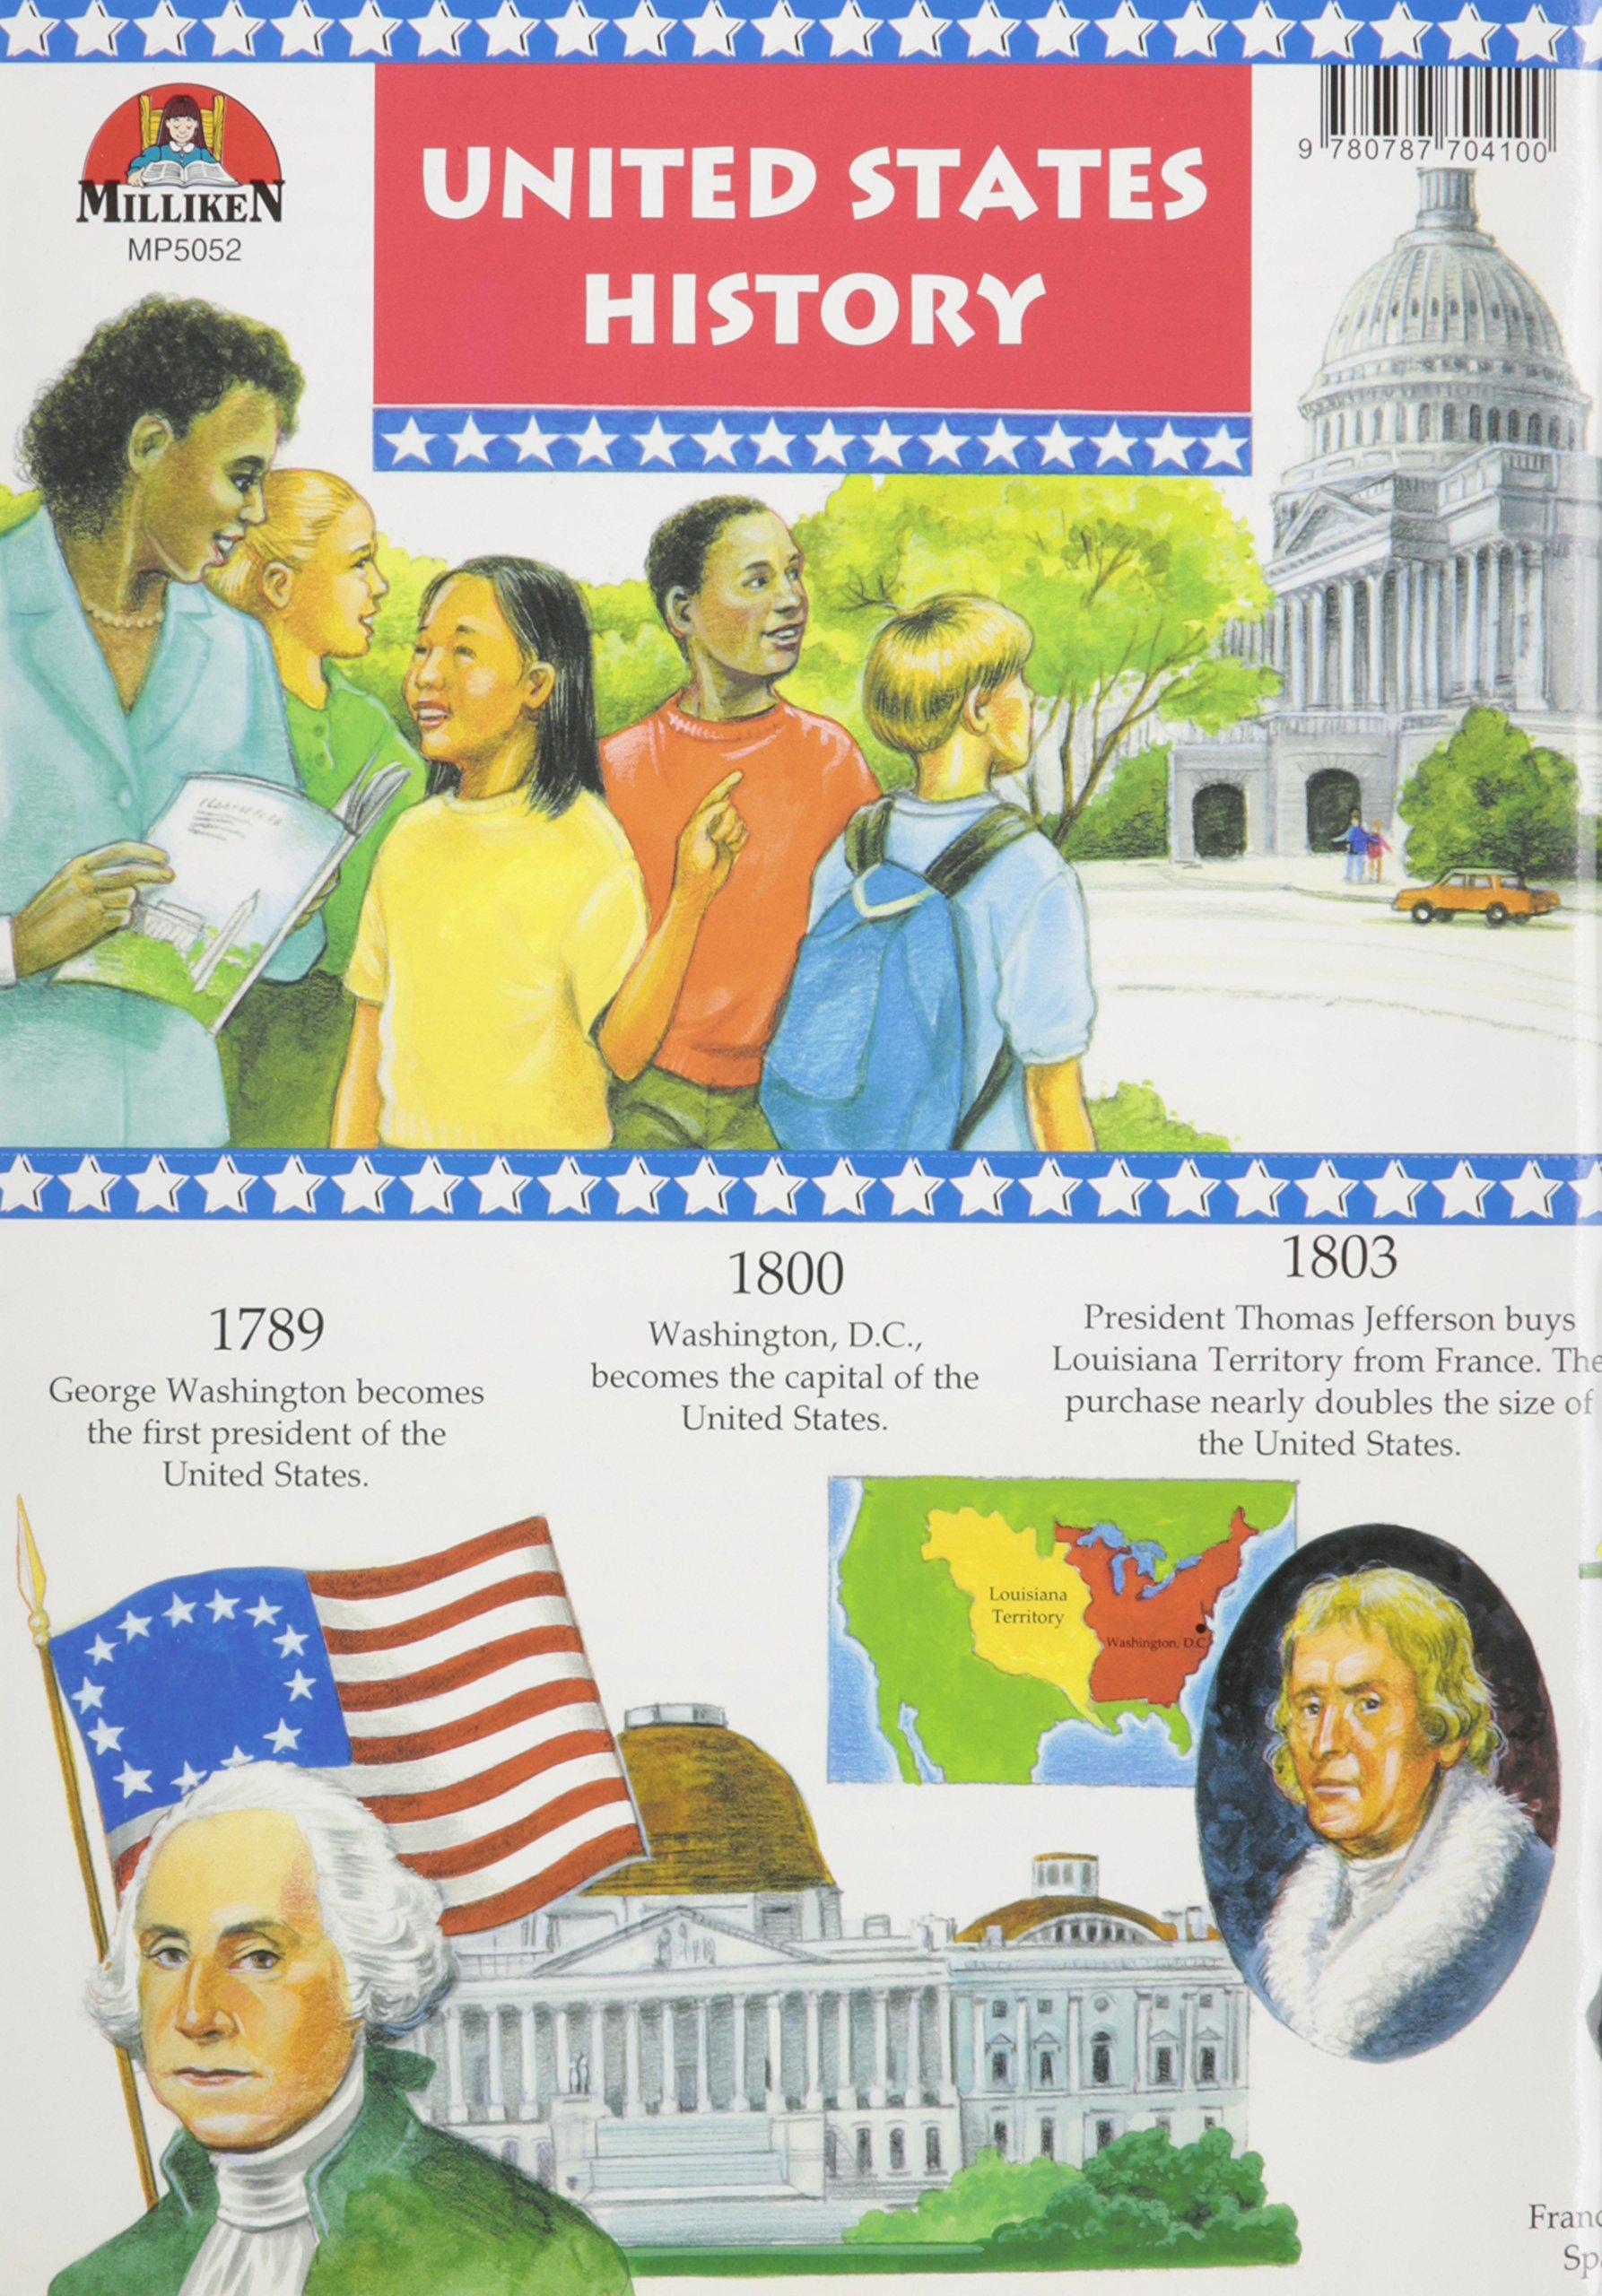 Us History Timeline Milliken Publishing 9780787704100 Amazon